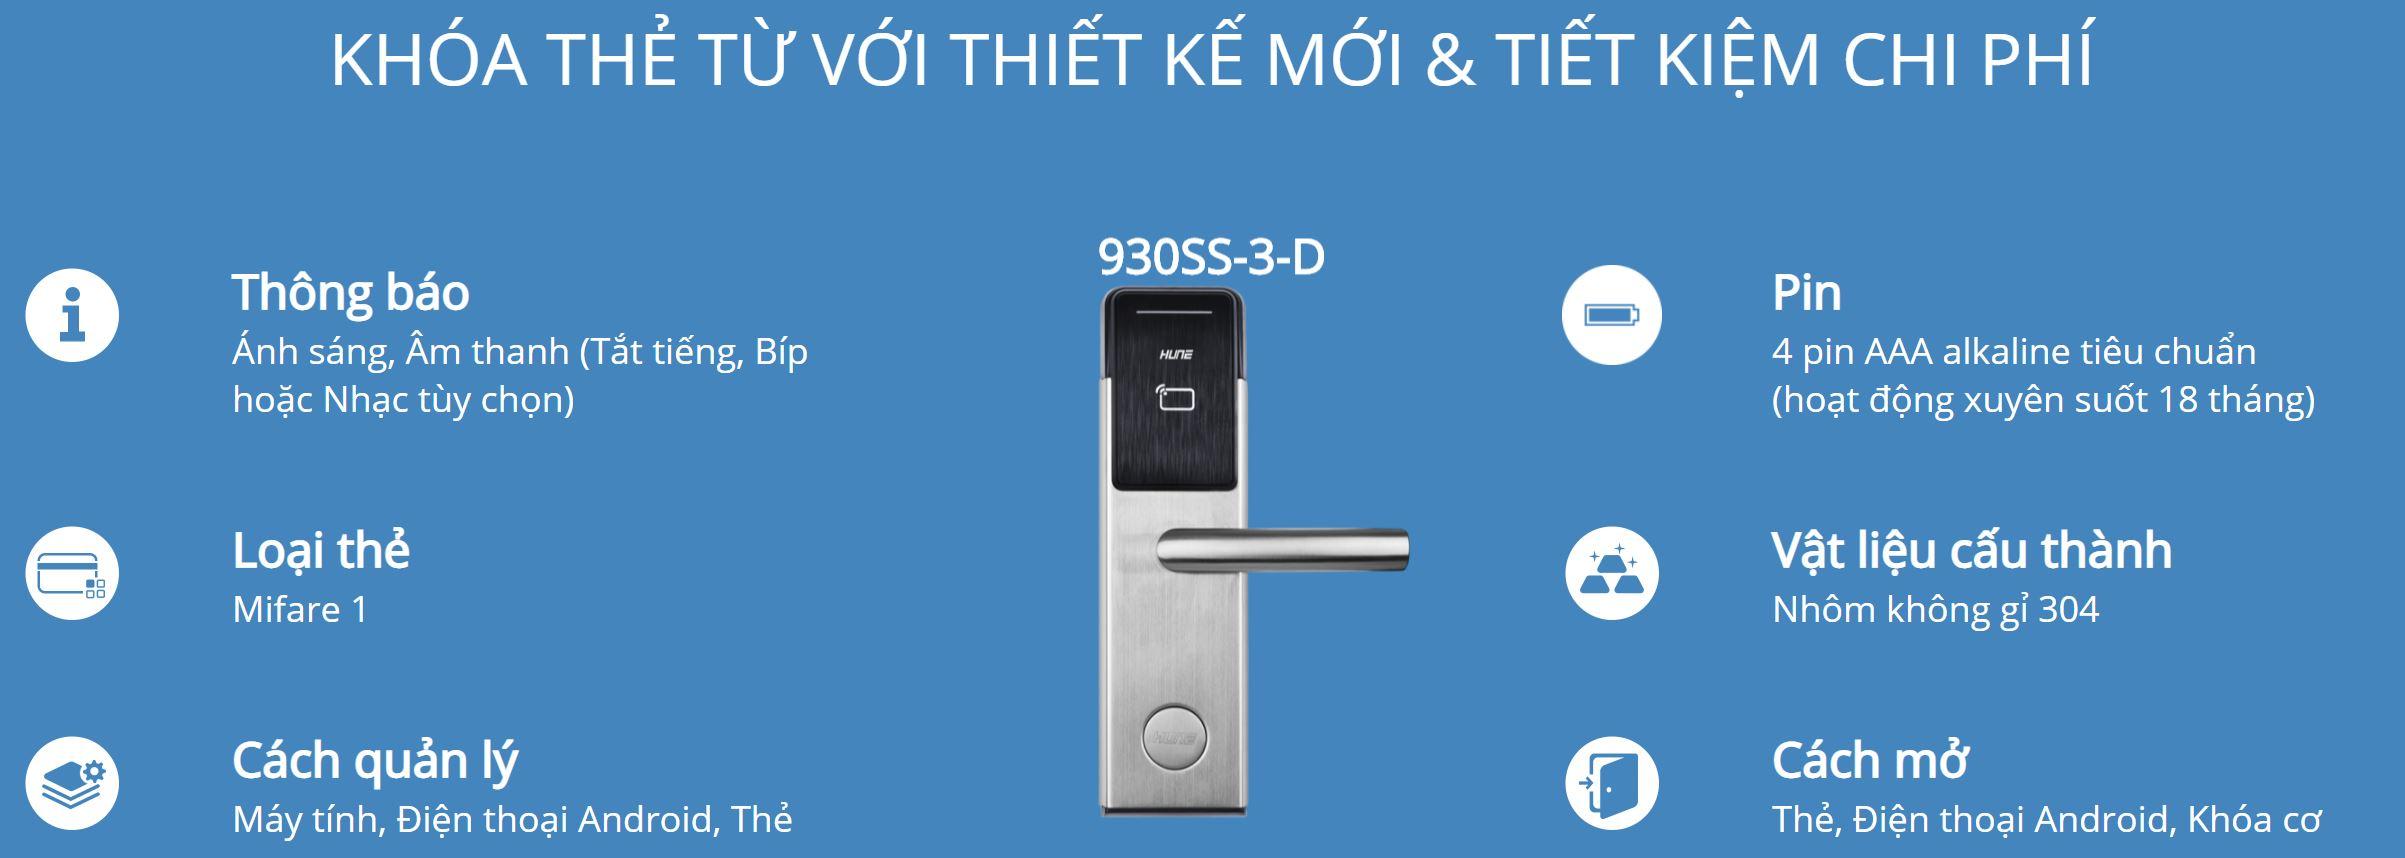 Thông tin kỹ thuật khóa thẻ Hune 930-3-D (II)